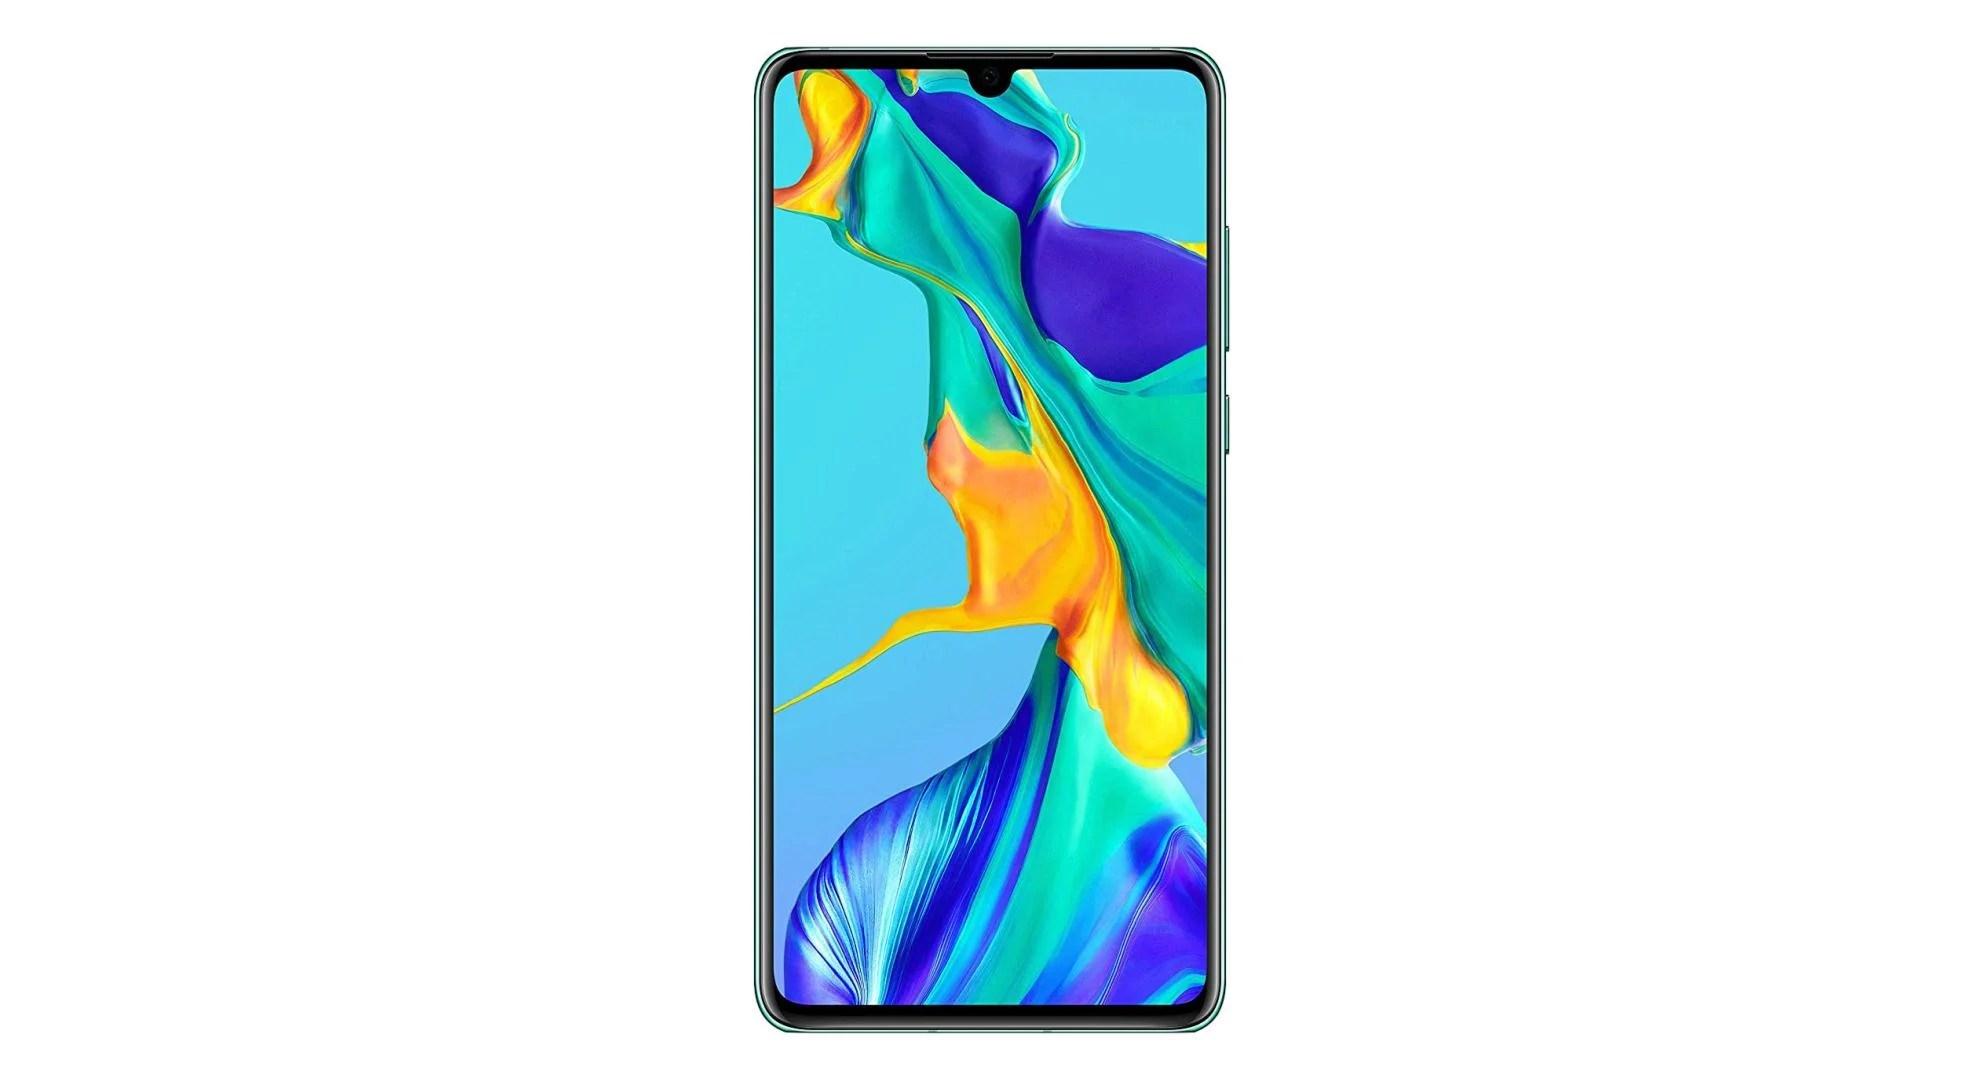 Huawei P30 : 499 euros, des écouteurs Freebuds Lite et 50 euros en carte cadeau